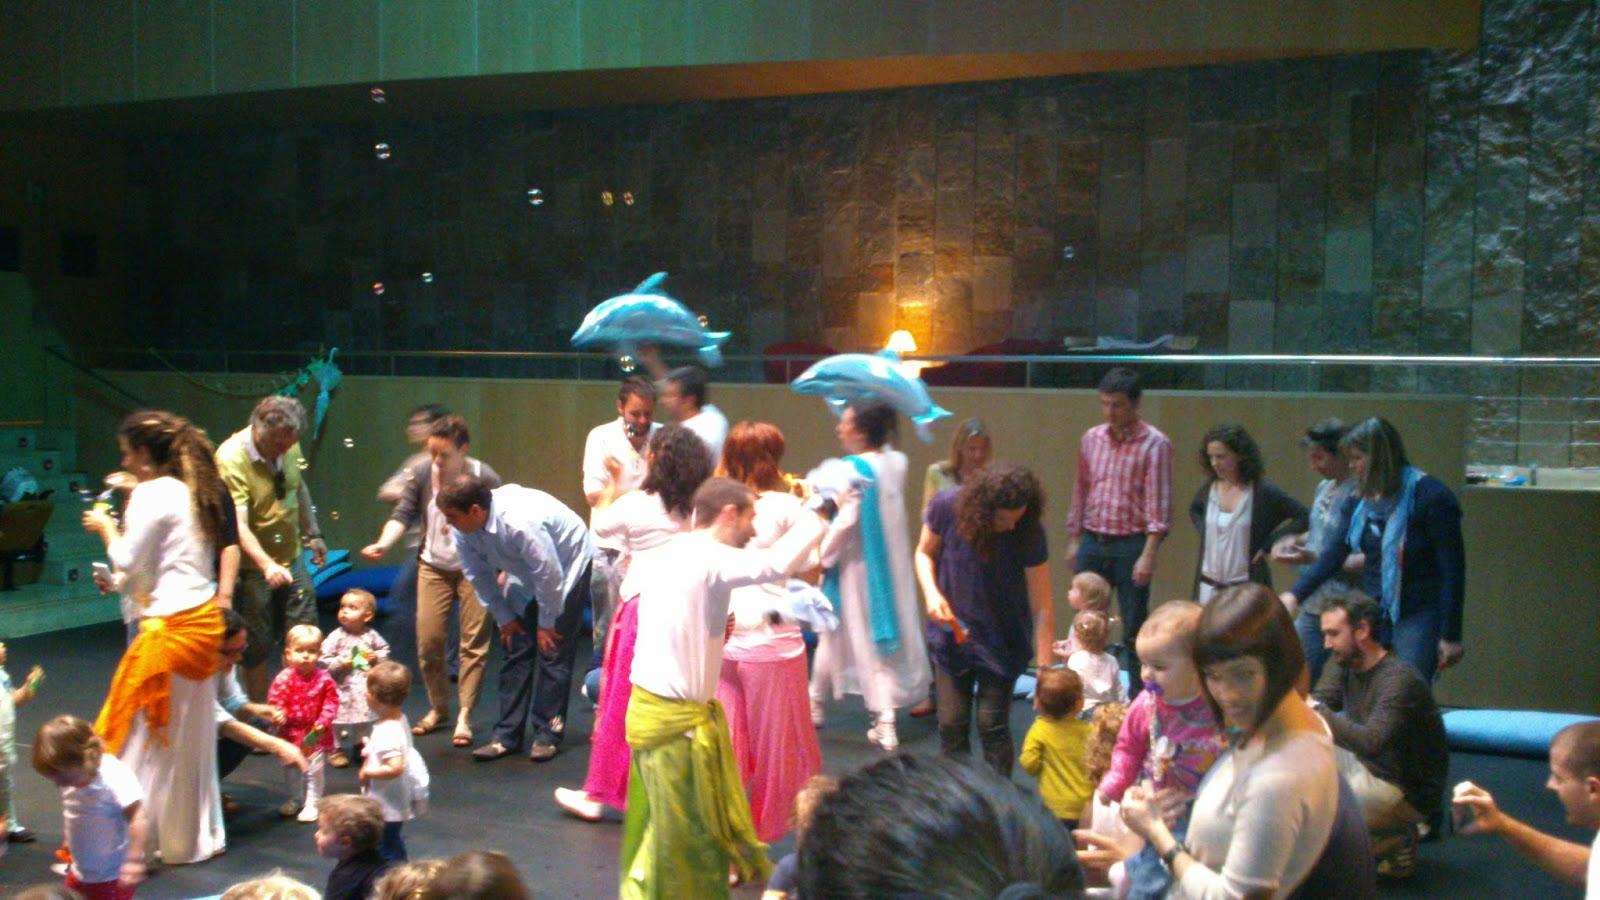 espectacle per nens de 1 a 2 anys al palau de la música de Barcelona